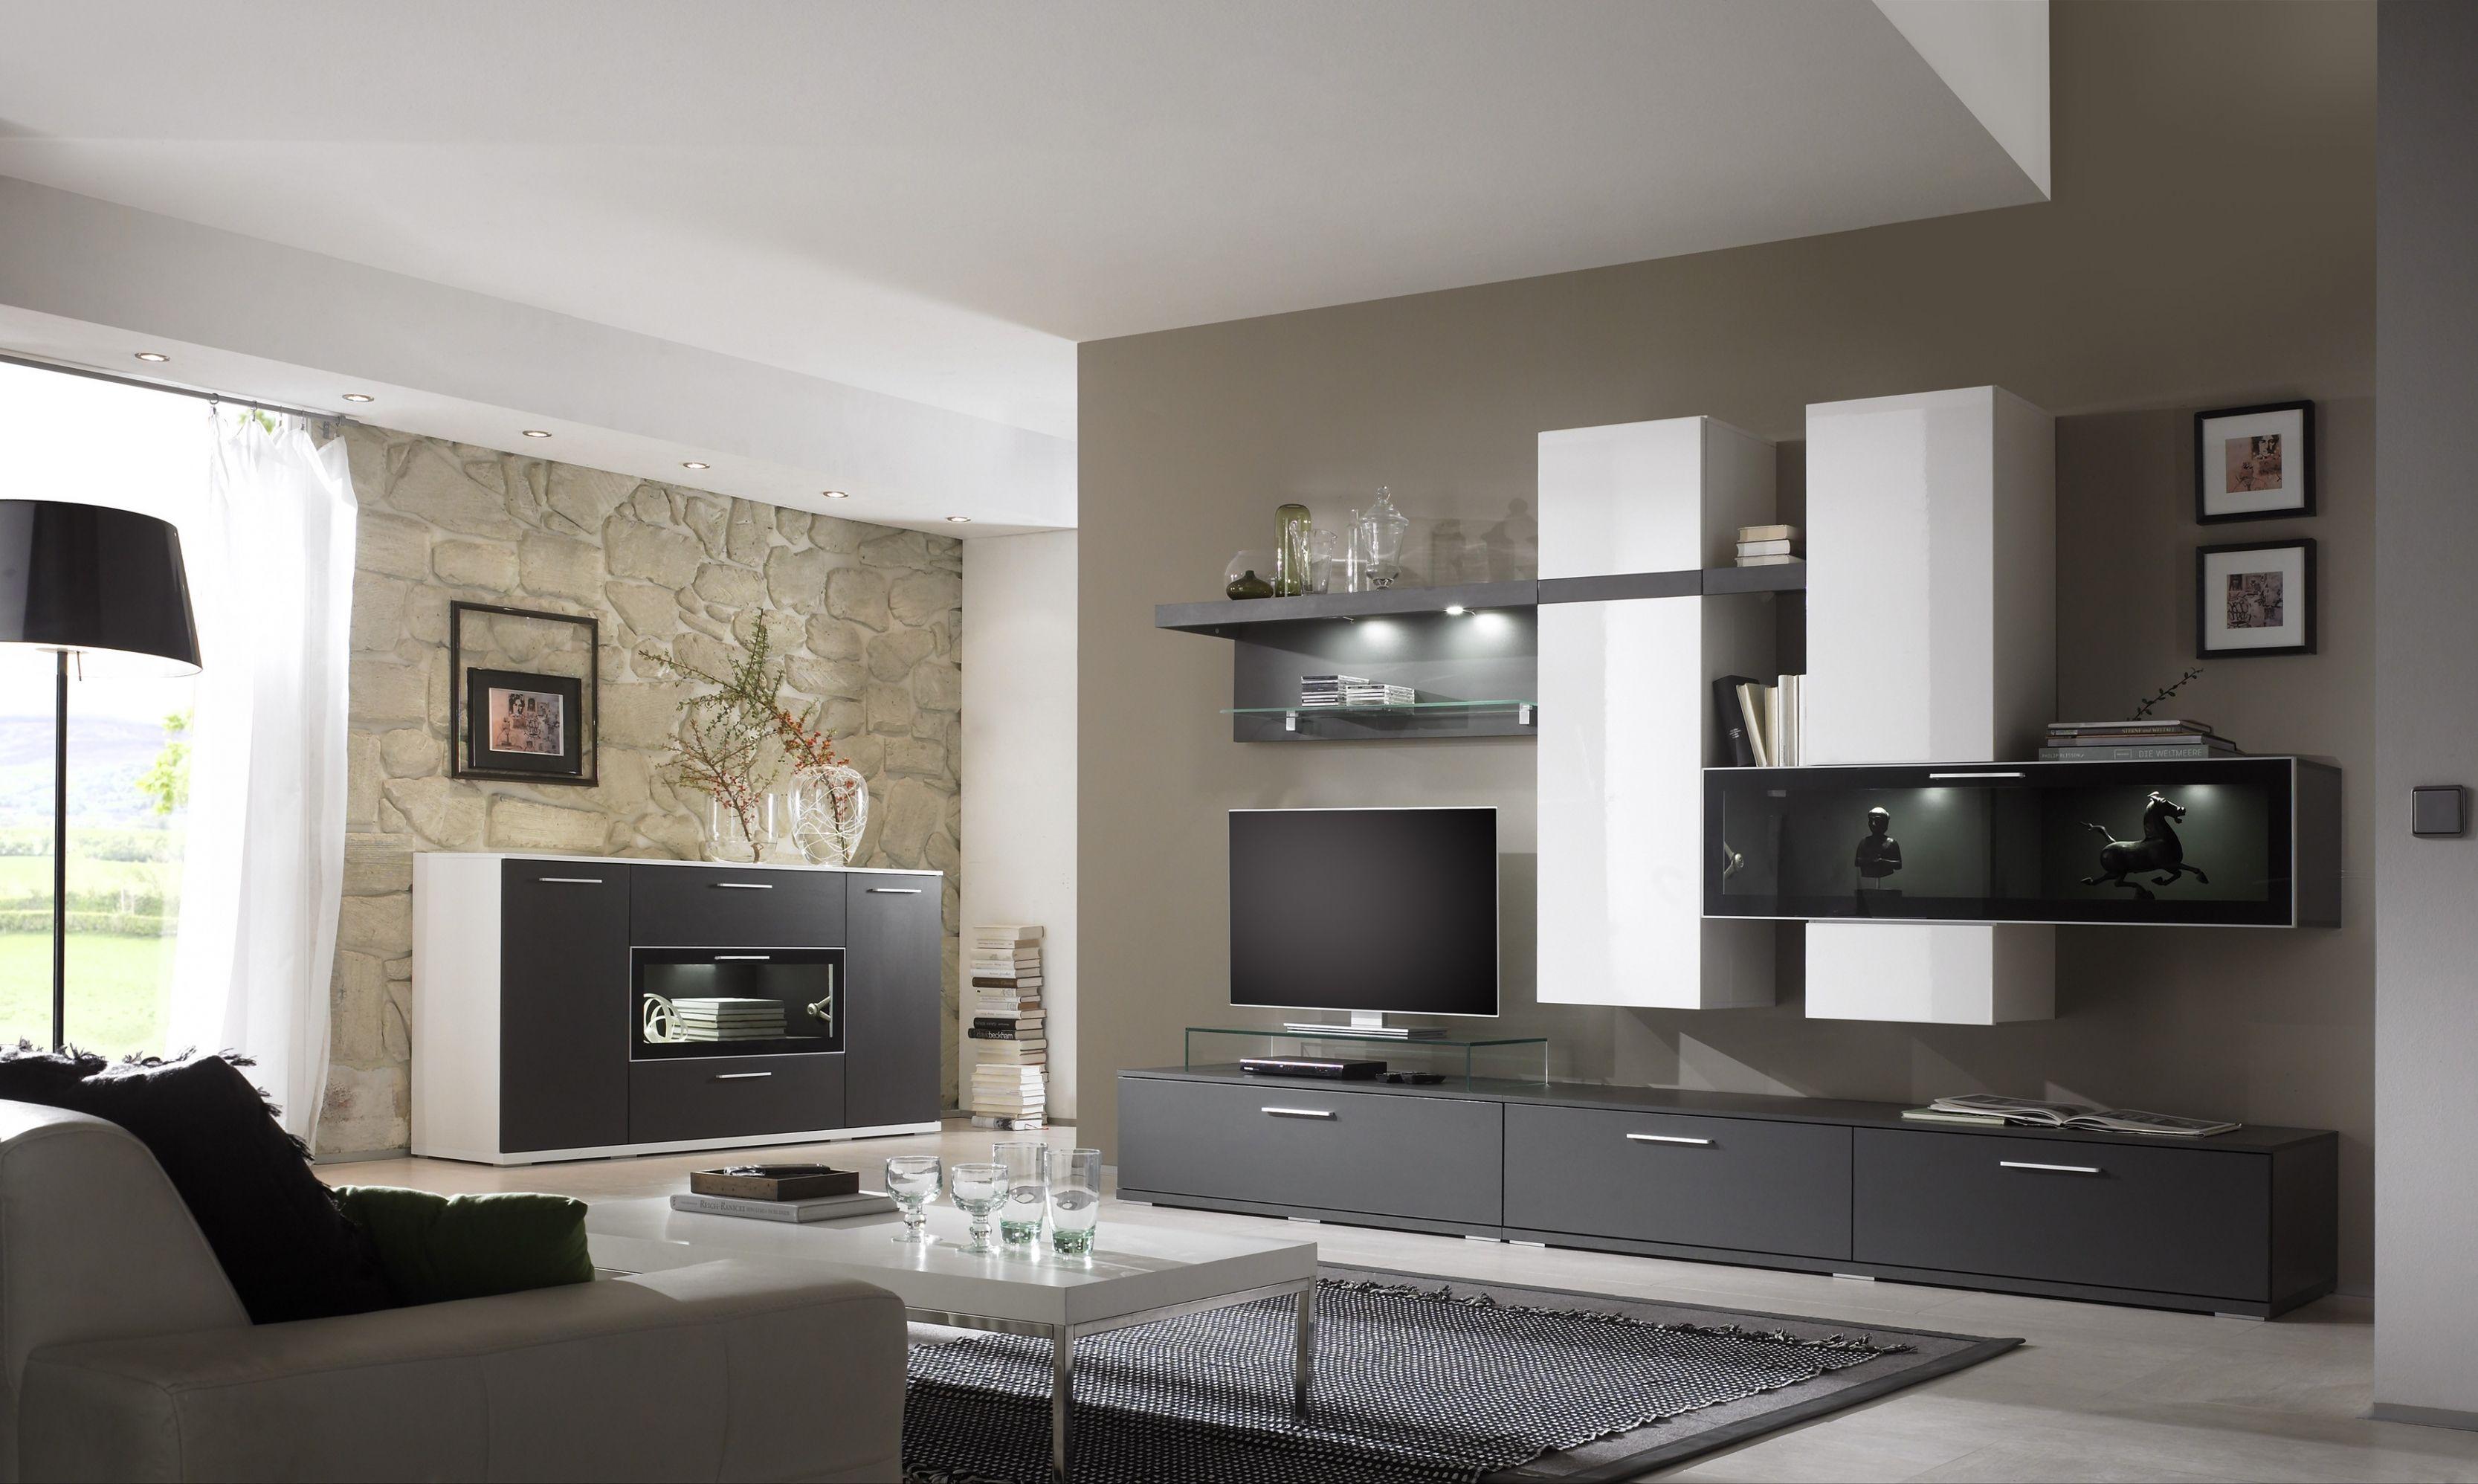 GroB Ehrfürchtig Wohnzimmer Ideen Grau Braun